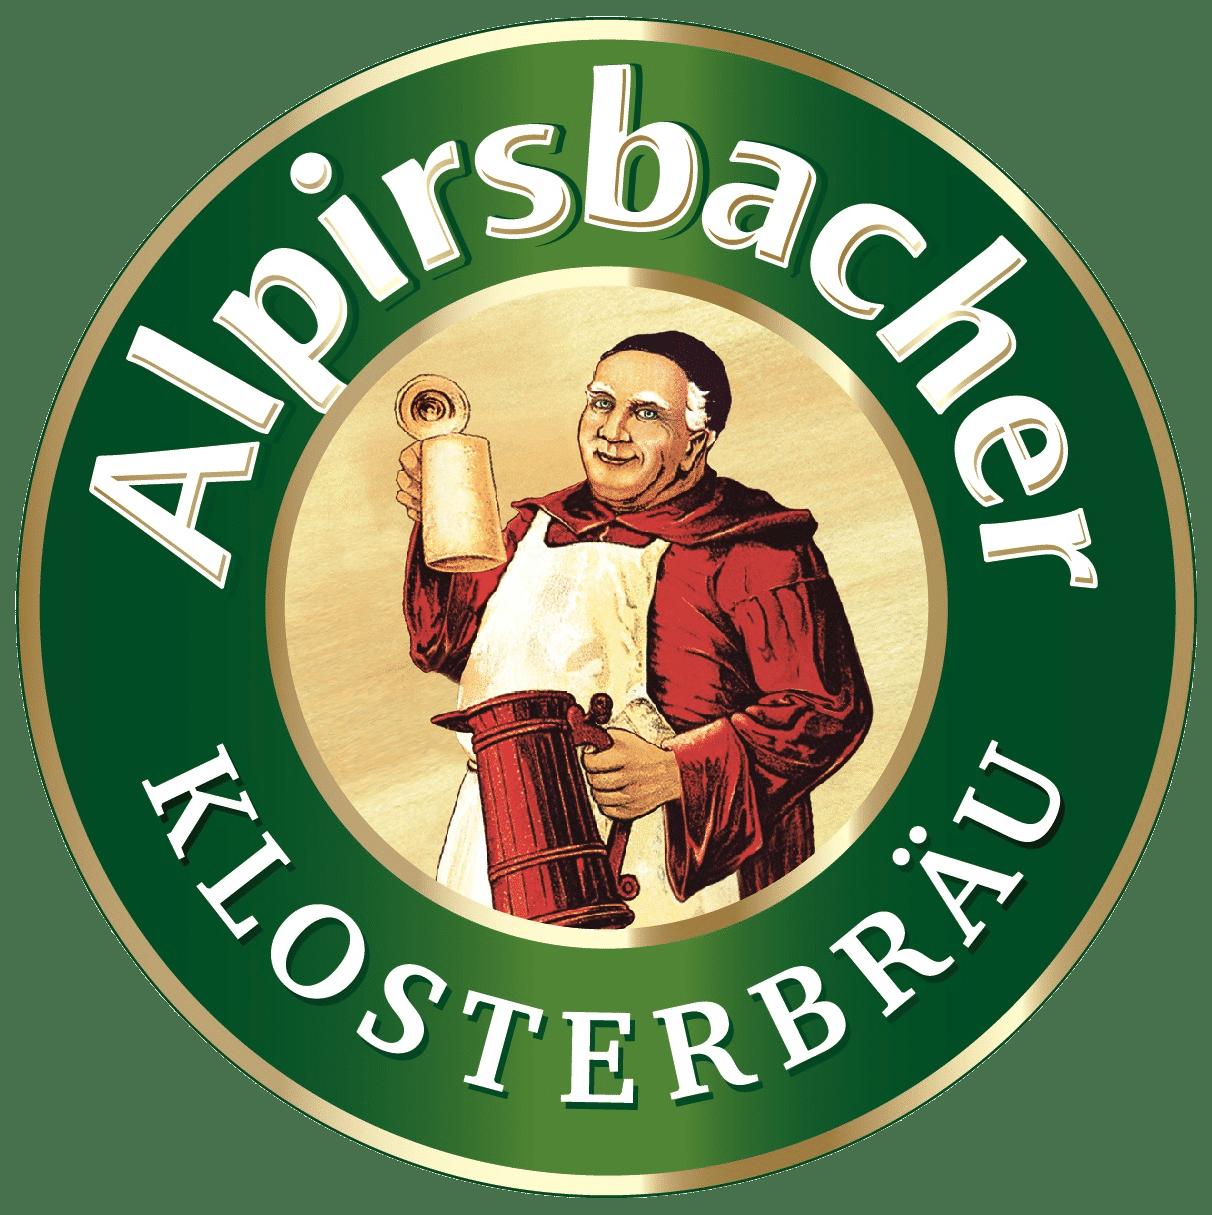 Alpirsbacher Klosterbräu Glauner GmbH & Co. KG Marktplatz 1 72275 Alpirsbach https://shop.alpirsbacher.de/